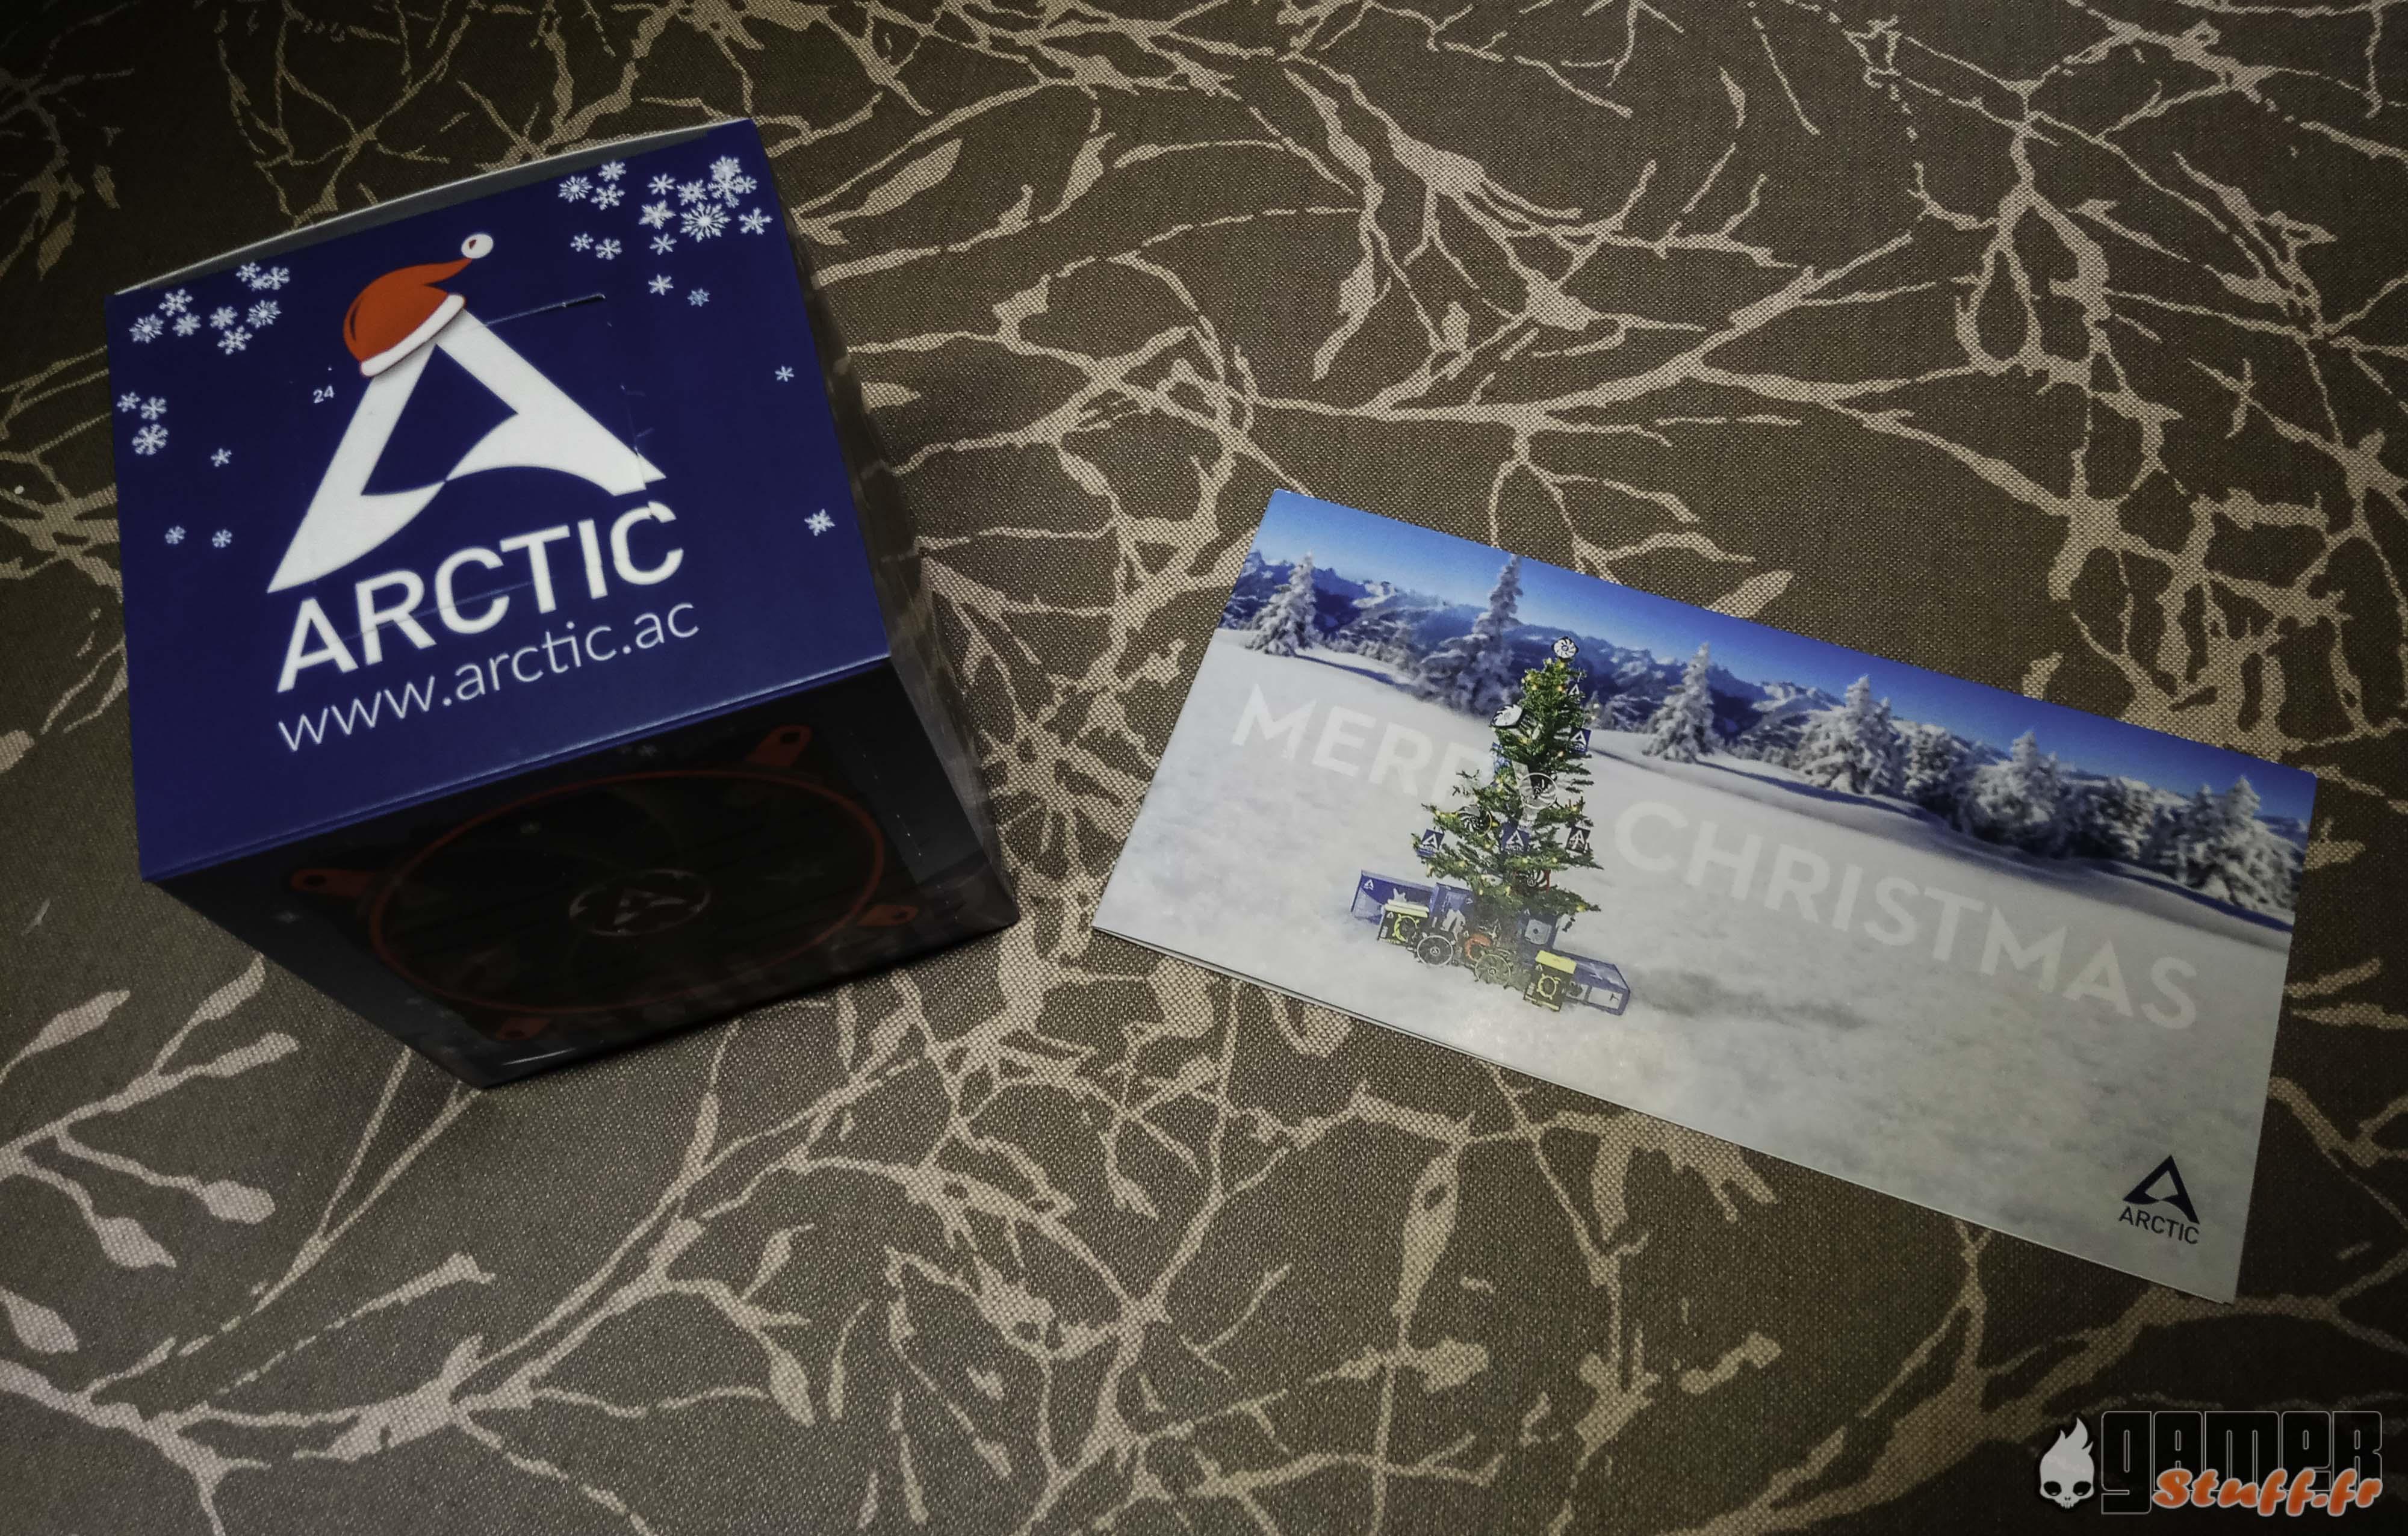 Arctic vous souhaite un joyeux Noël !